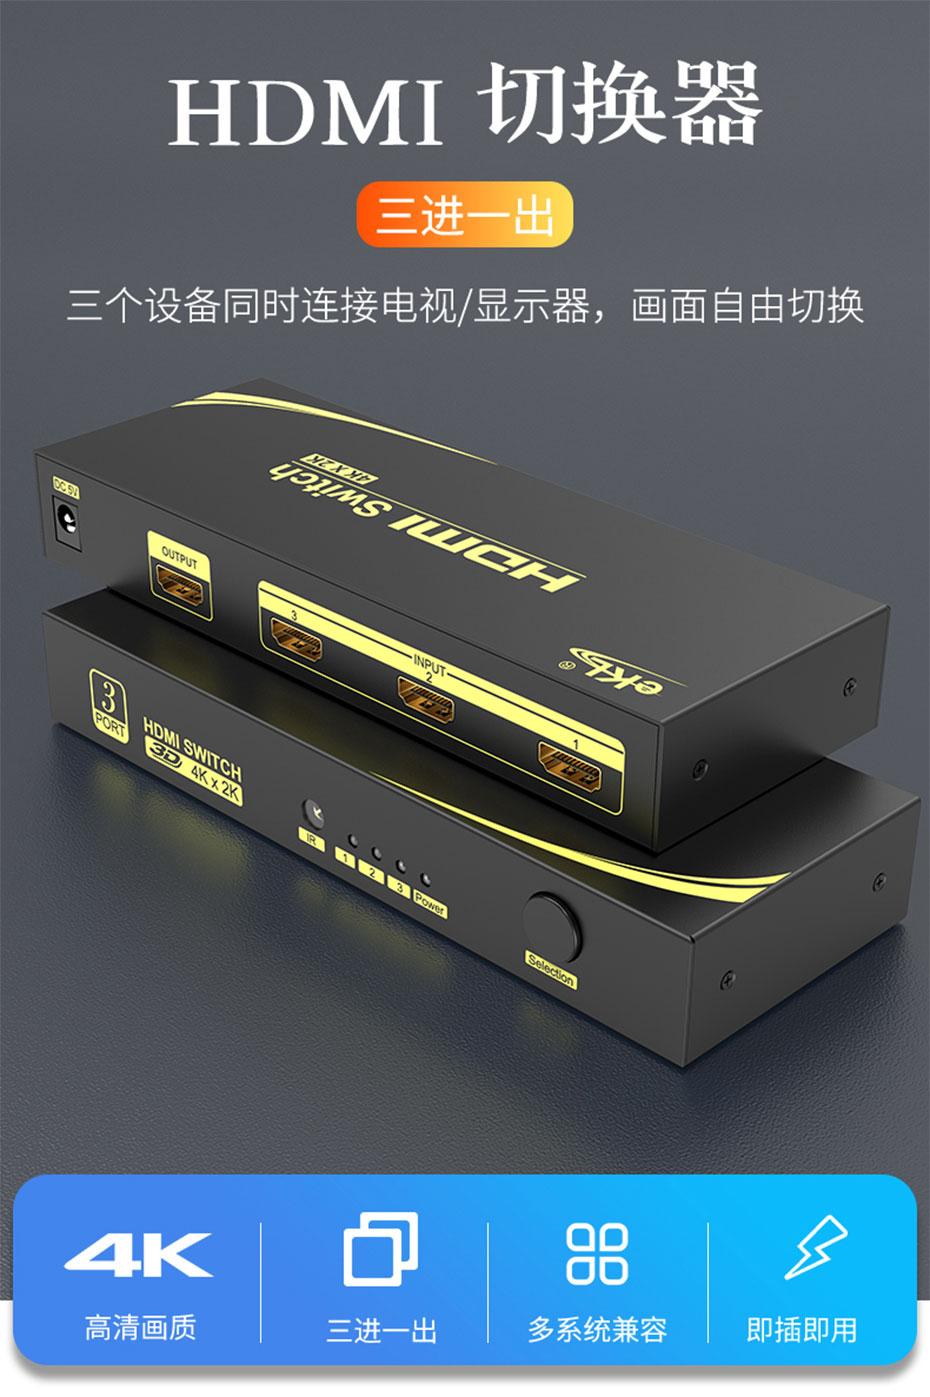 HDMI切换器3进1出31HN支持3台HDMI主机共享1台HDMI显示器